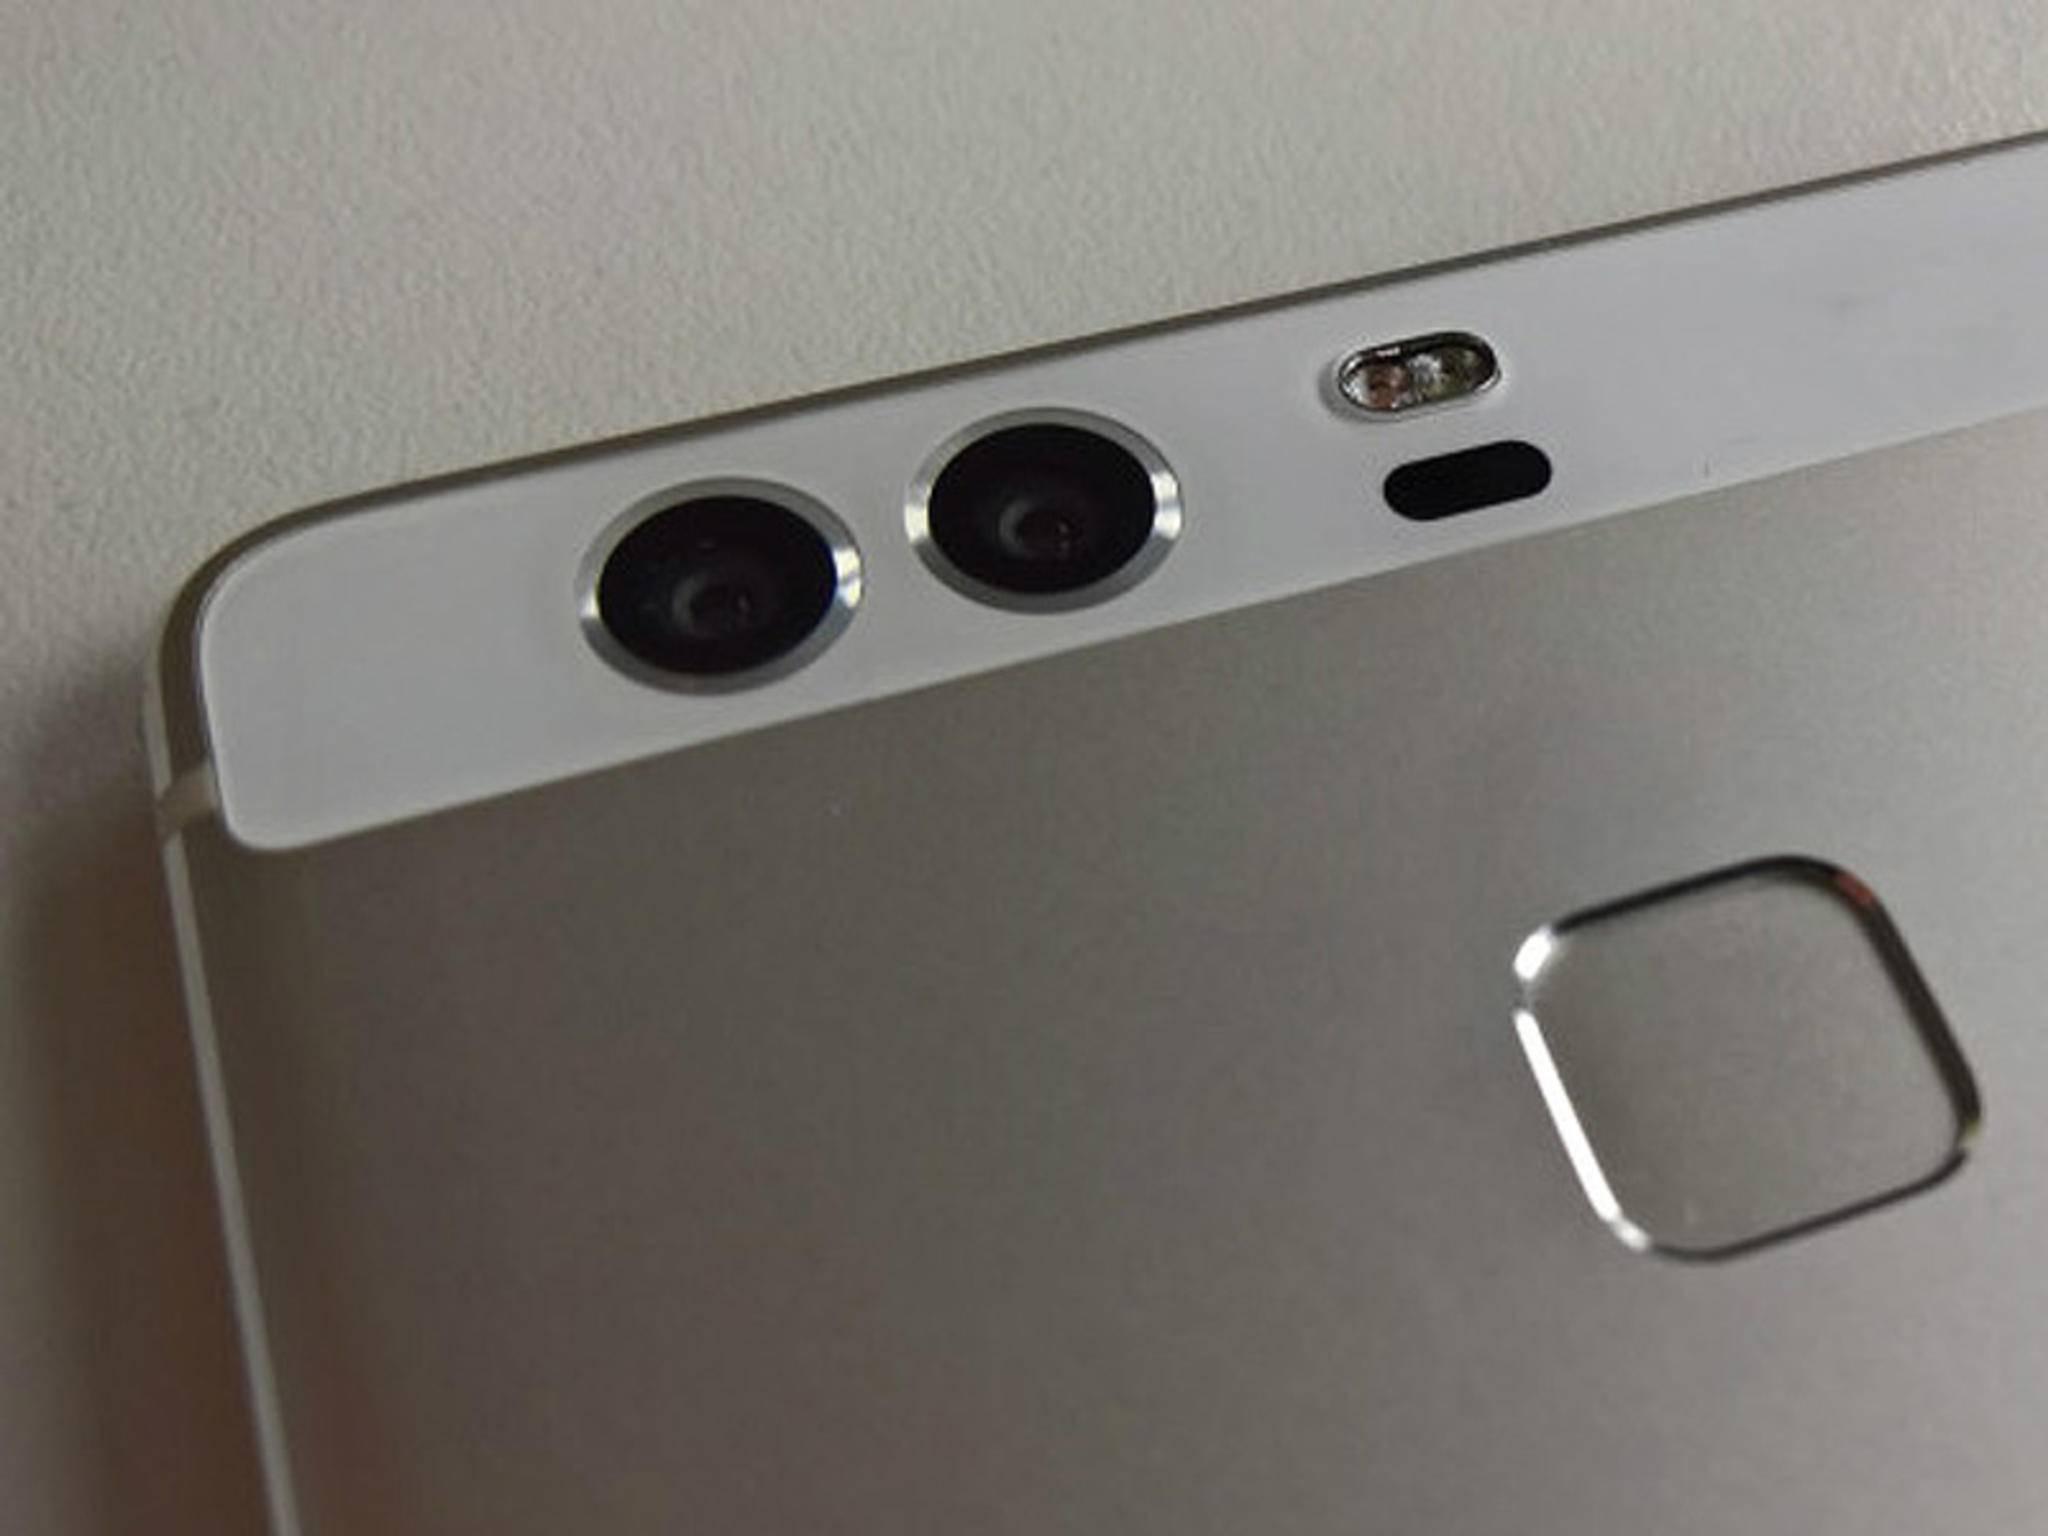 Das Huawei P9 könnte am 6. April vorgestellt werden.